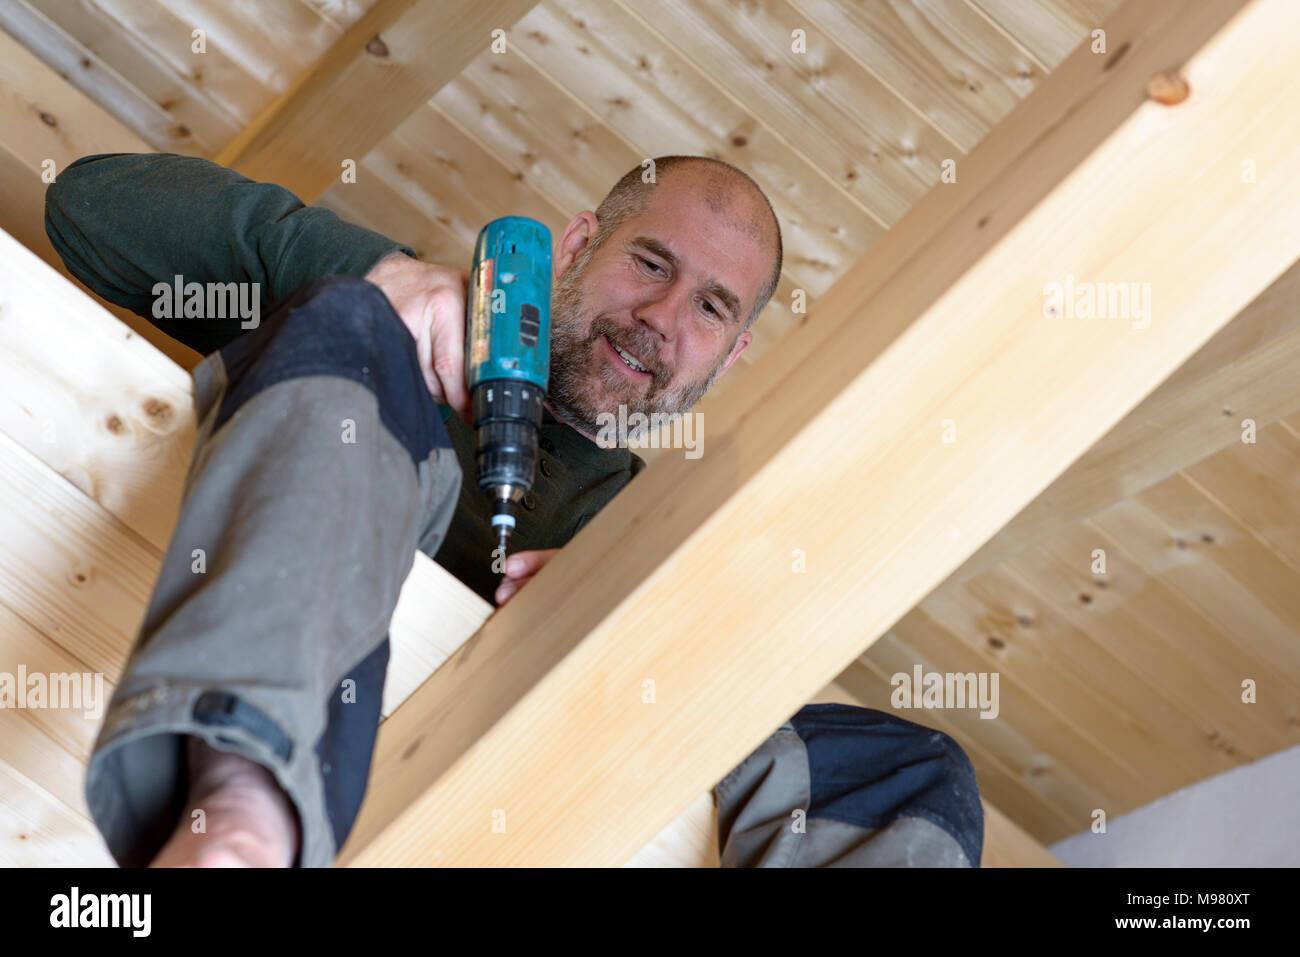 Mann mit Bohrer, Innenausbau Dachgeschoss, Boden legen, Holzhaus, Bayern, Deutschlaned - Stock Image